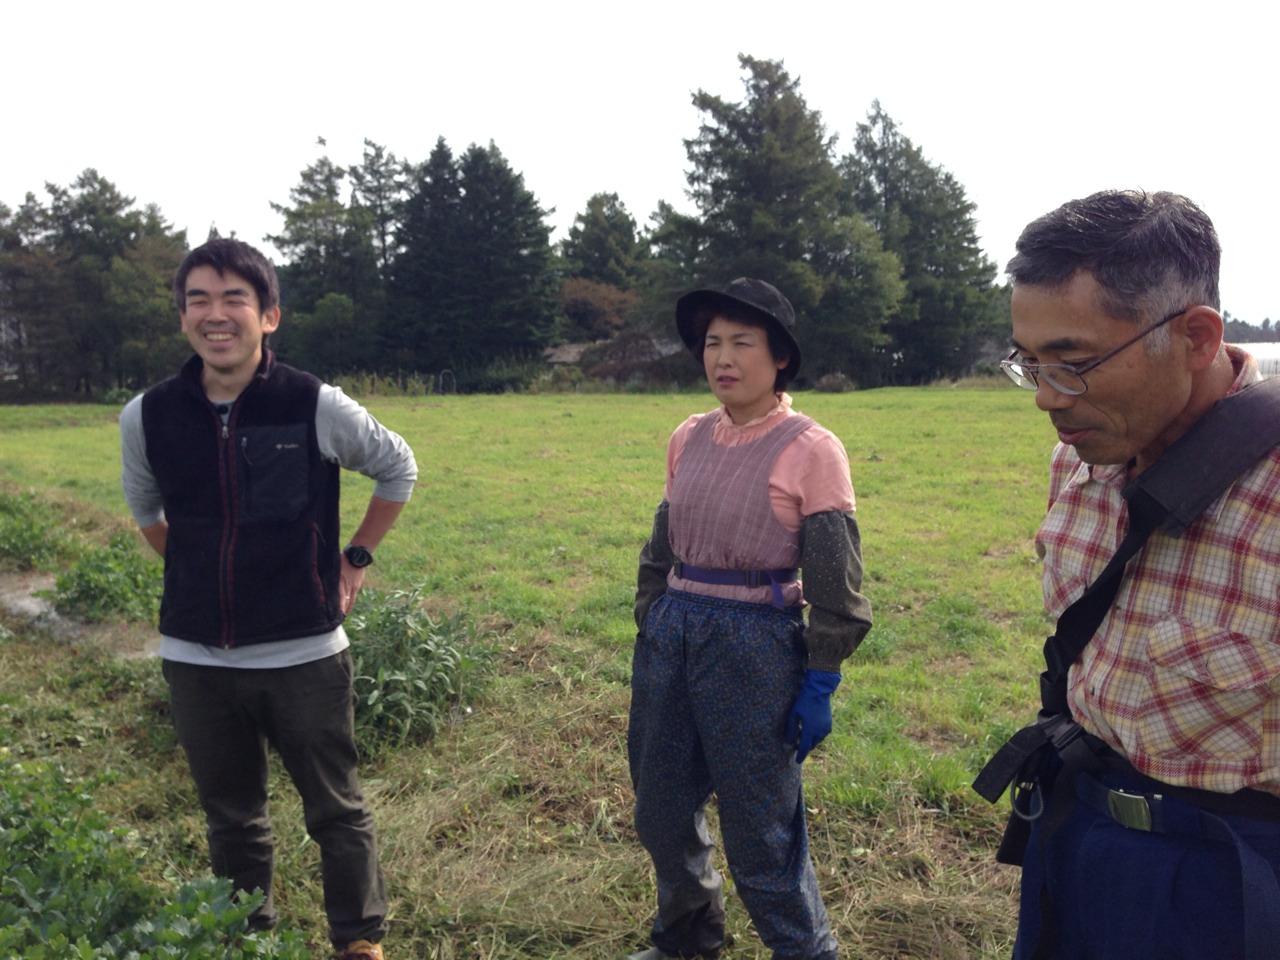 岩手~農家さんたちの懇親会に参加してきました。_b0206074_1395737.jpg